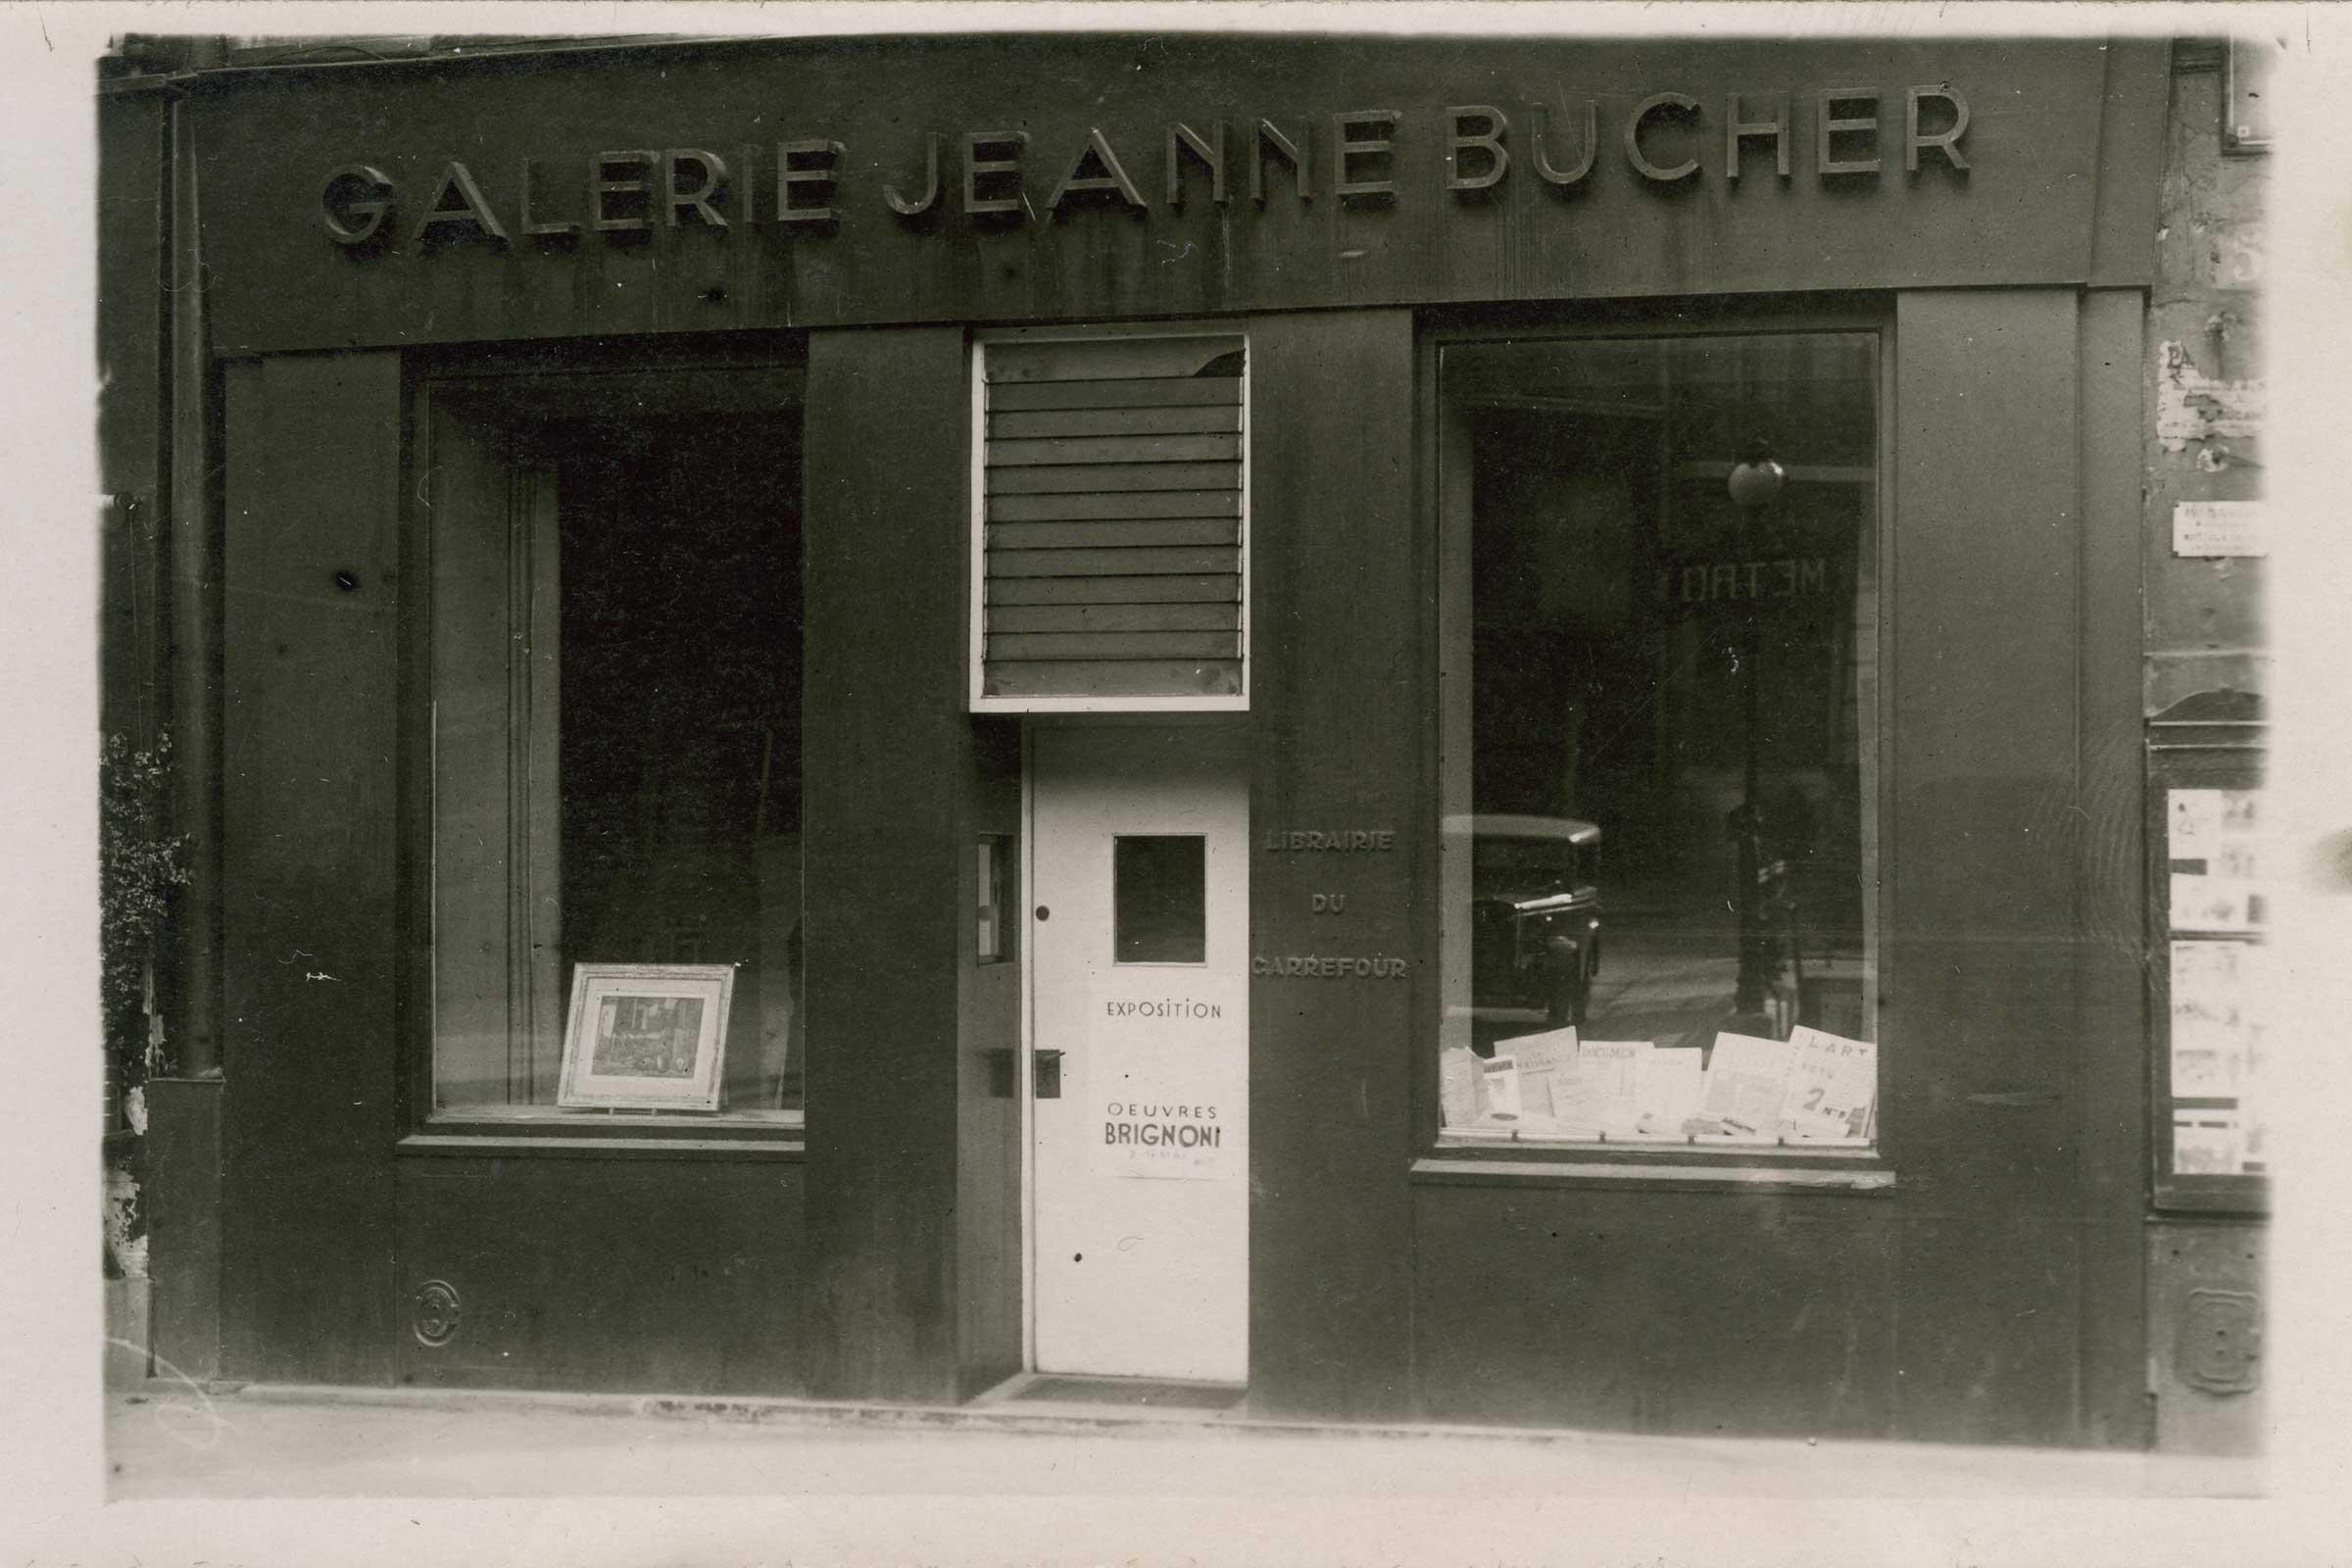 23 Rue Du Cherche Midi jeanne bucher - jeanne bucher jaeger jeanne bucher jaeger